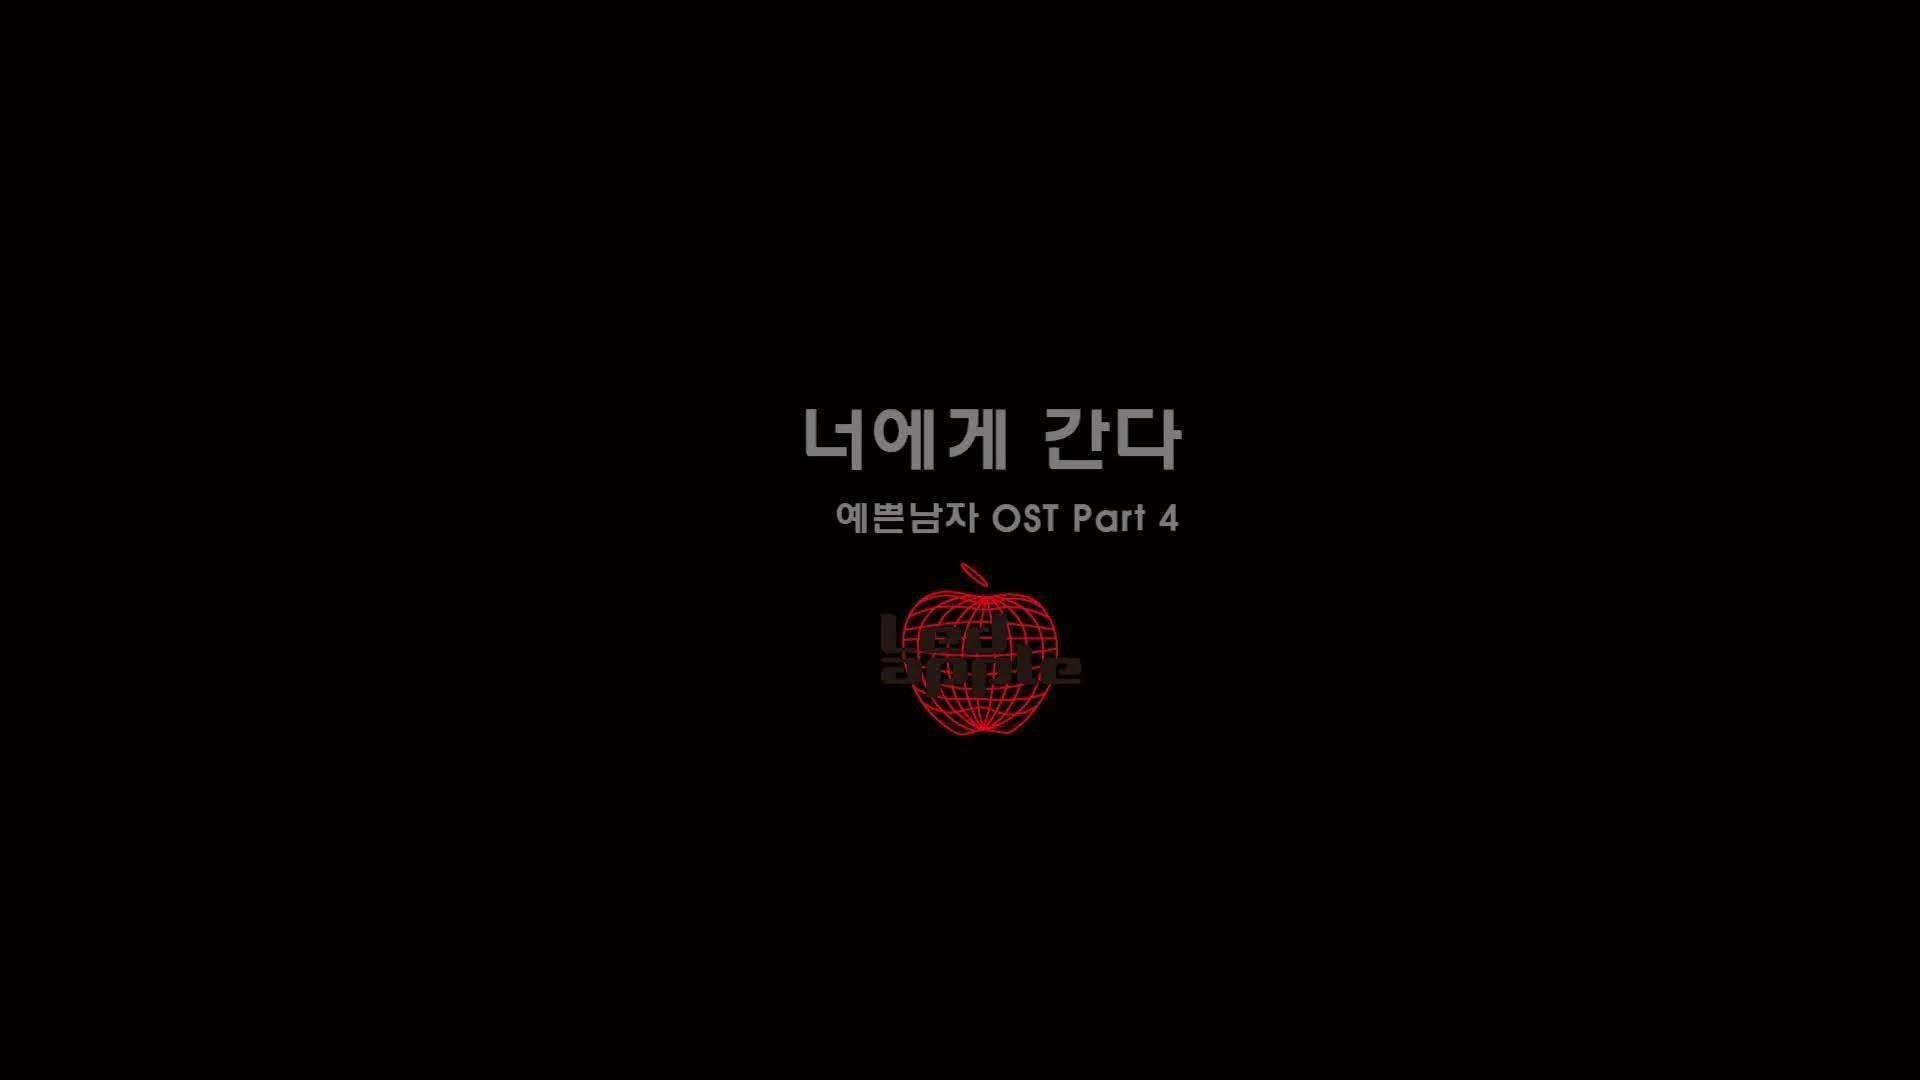 [예쁜남자 OST] Ledapple - 너에게 간다